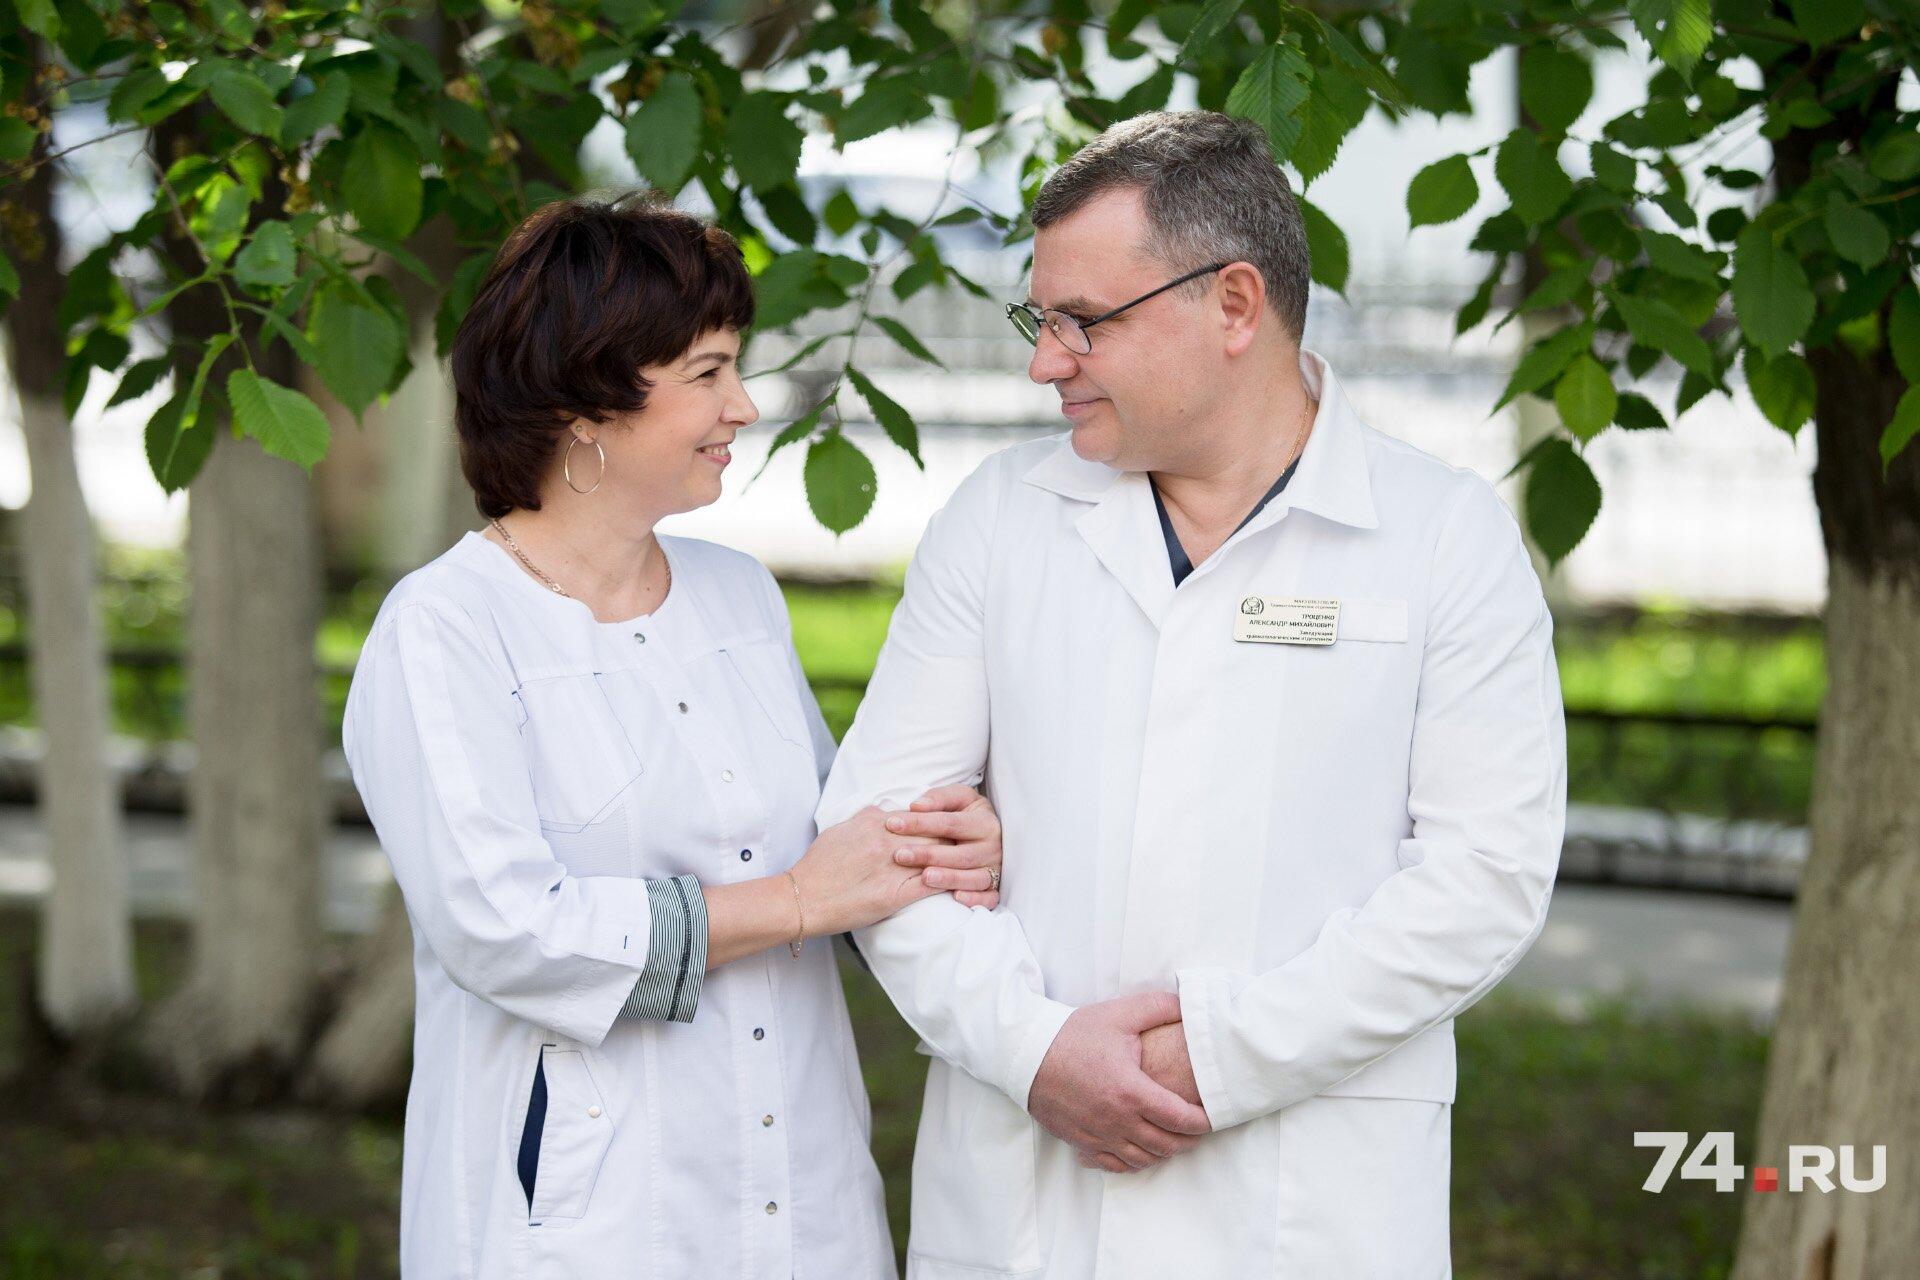 Александр Троценко не только ювелирно составляет кости пациентов, но и прекрасно готовит